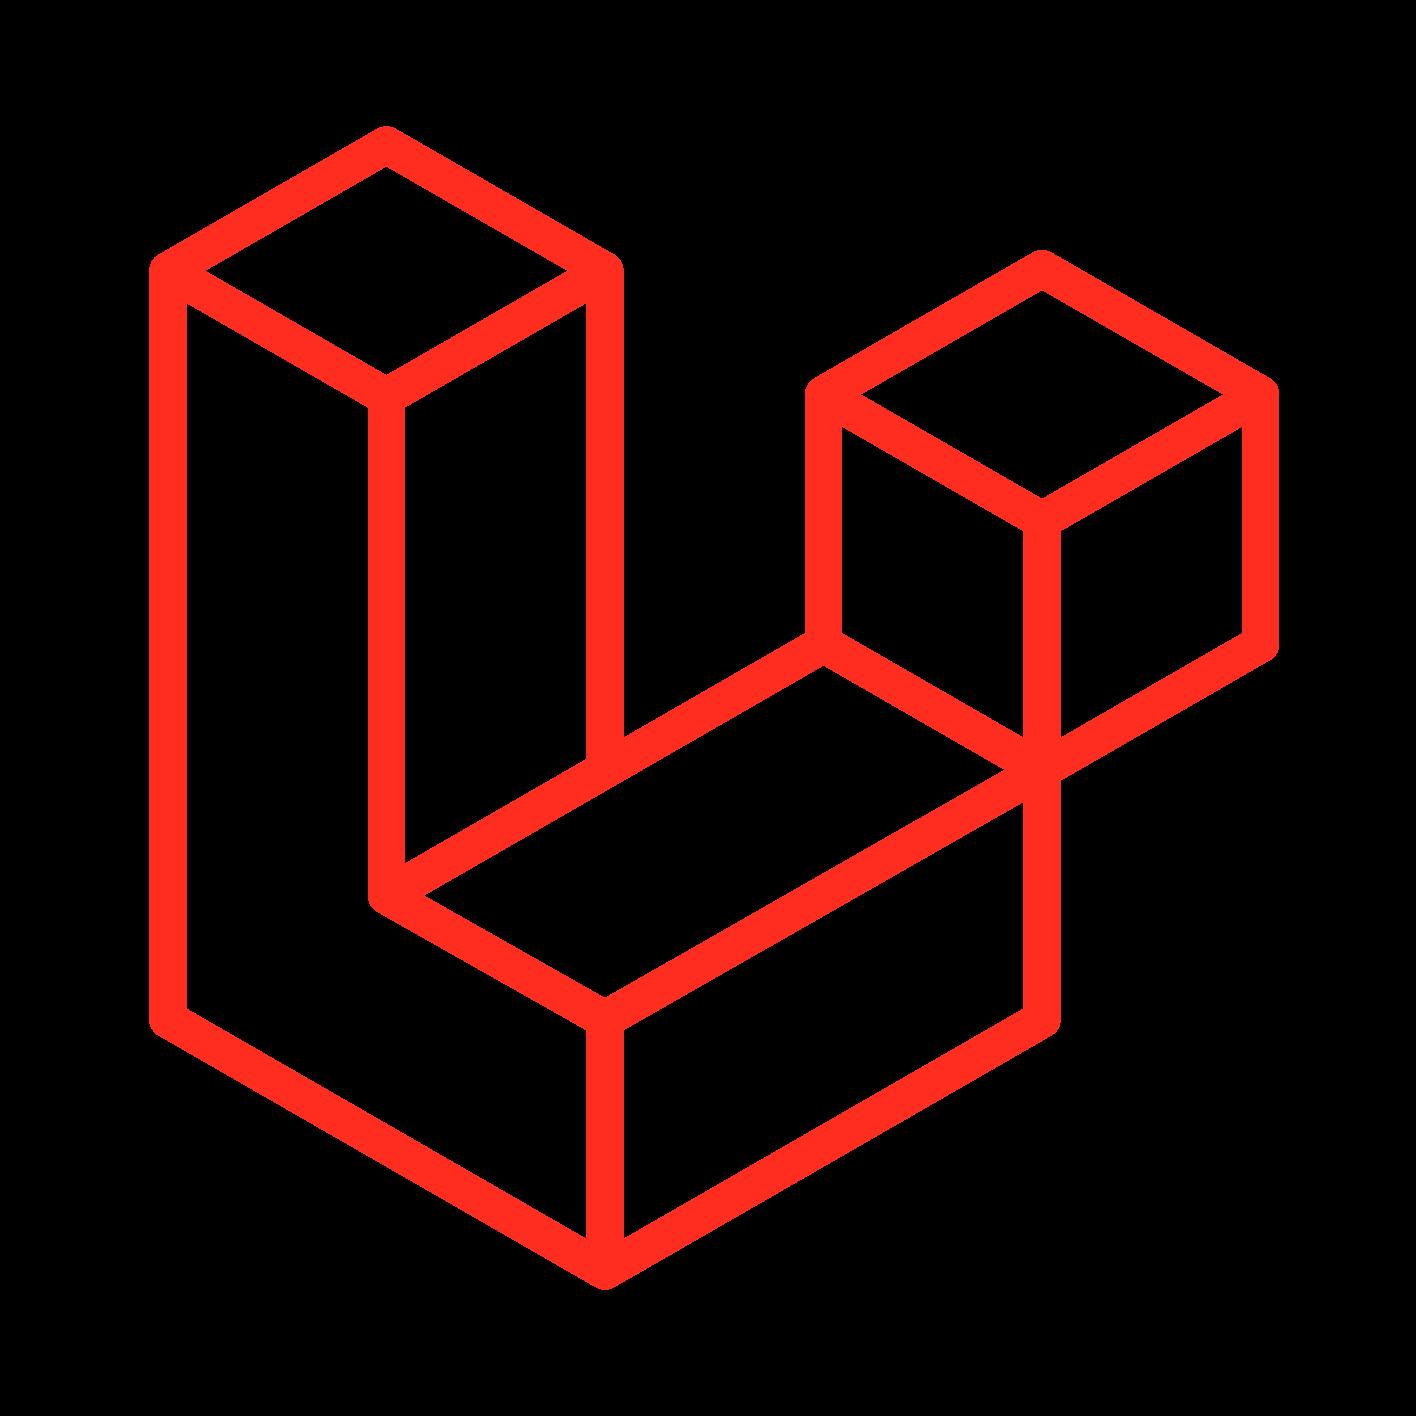 Laravel ist ein PHP Framework zum erstellen individueller Webanwendungen. Es zeichnet sich durch eine elegante Syntax und hohe Geschwindigkeit aus.